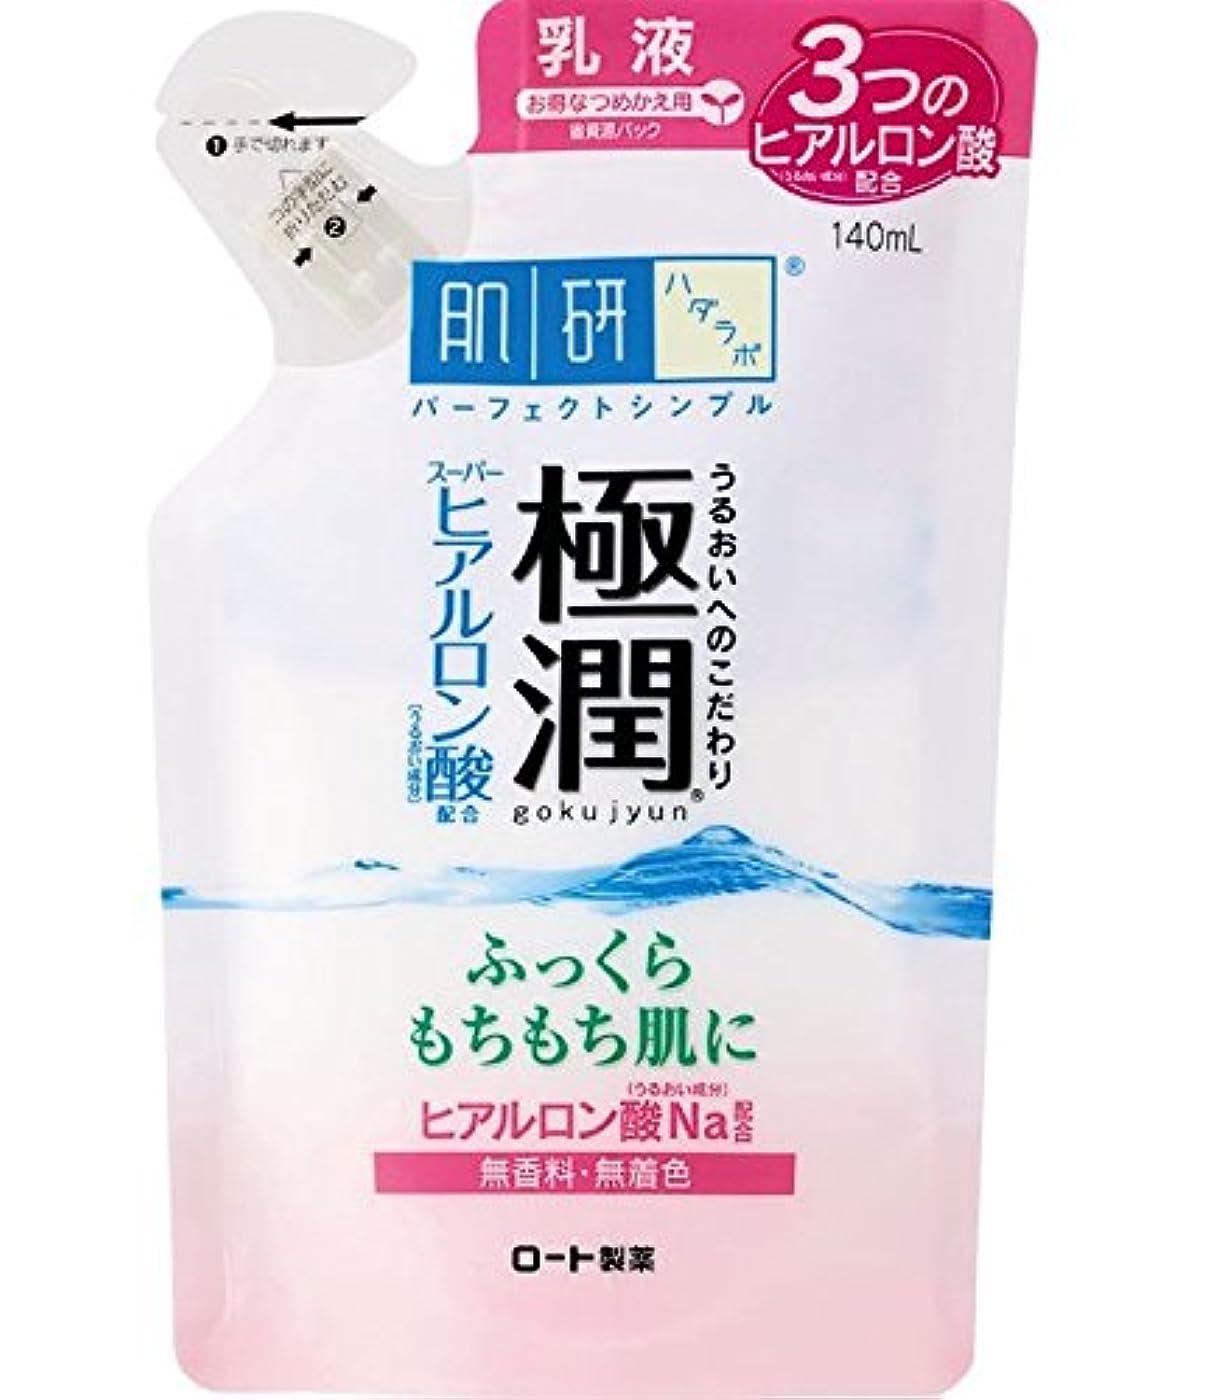 ショット好み同化肌研 極潤 ヒアルロン乳液 つめかえ用 140mL